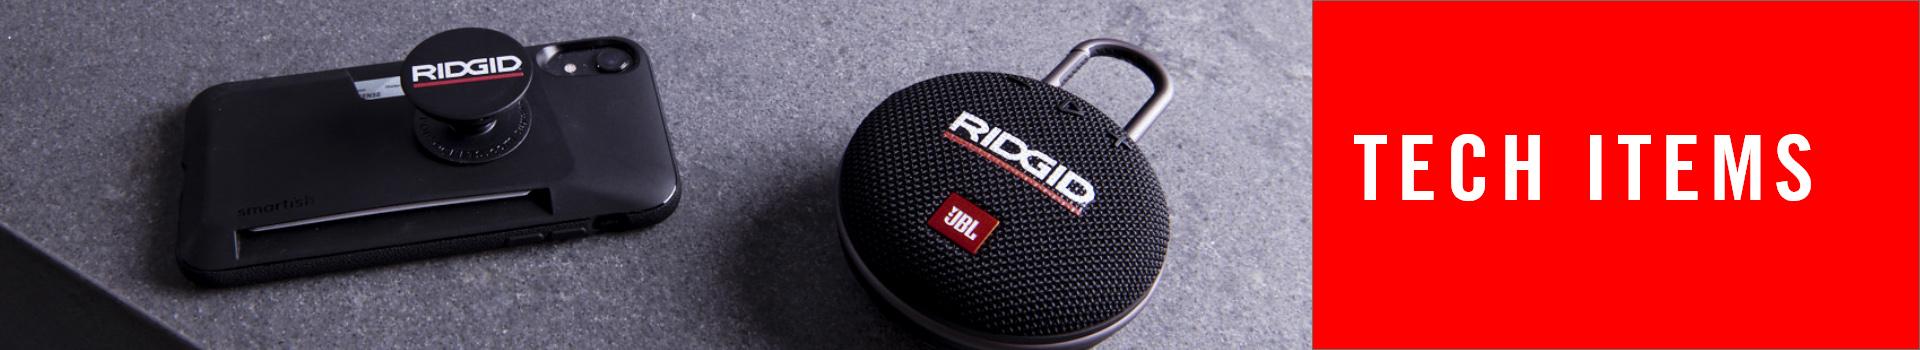 RIDGID Tech Items